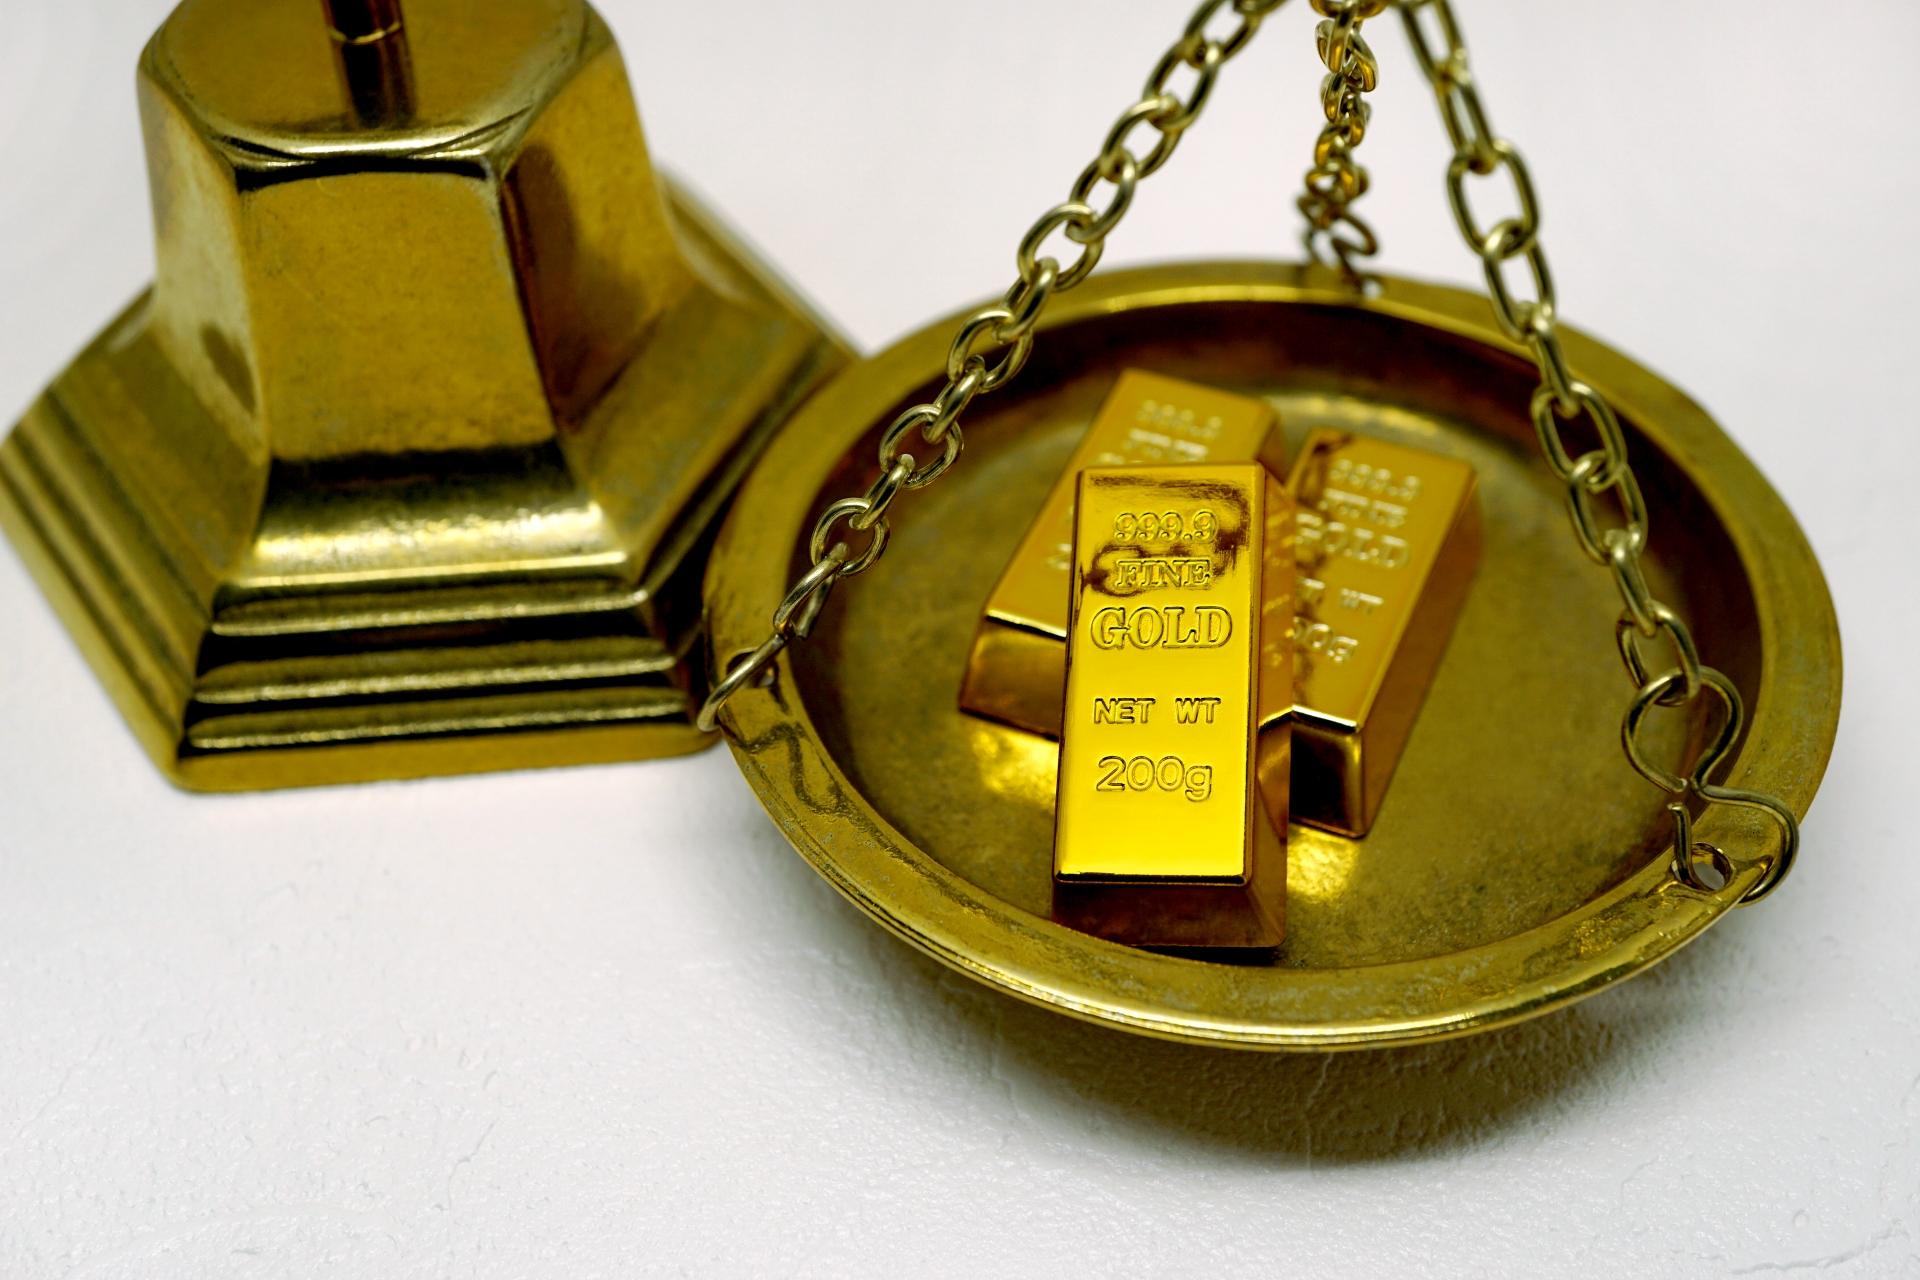 金(ゴールド)の価格が40年ぶりの高値更新。金投資は必要か?